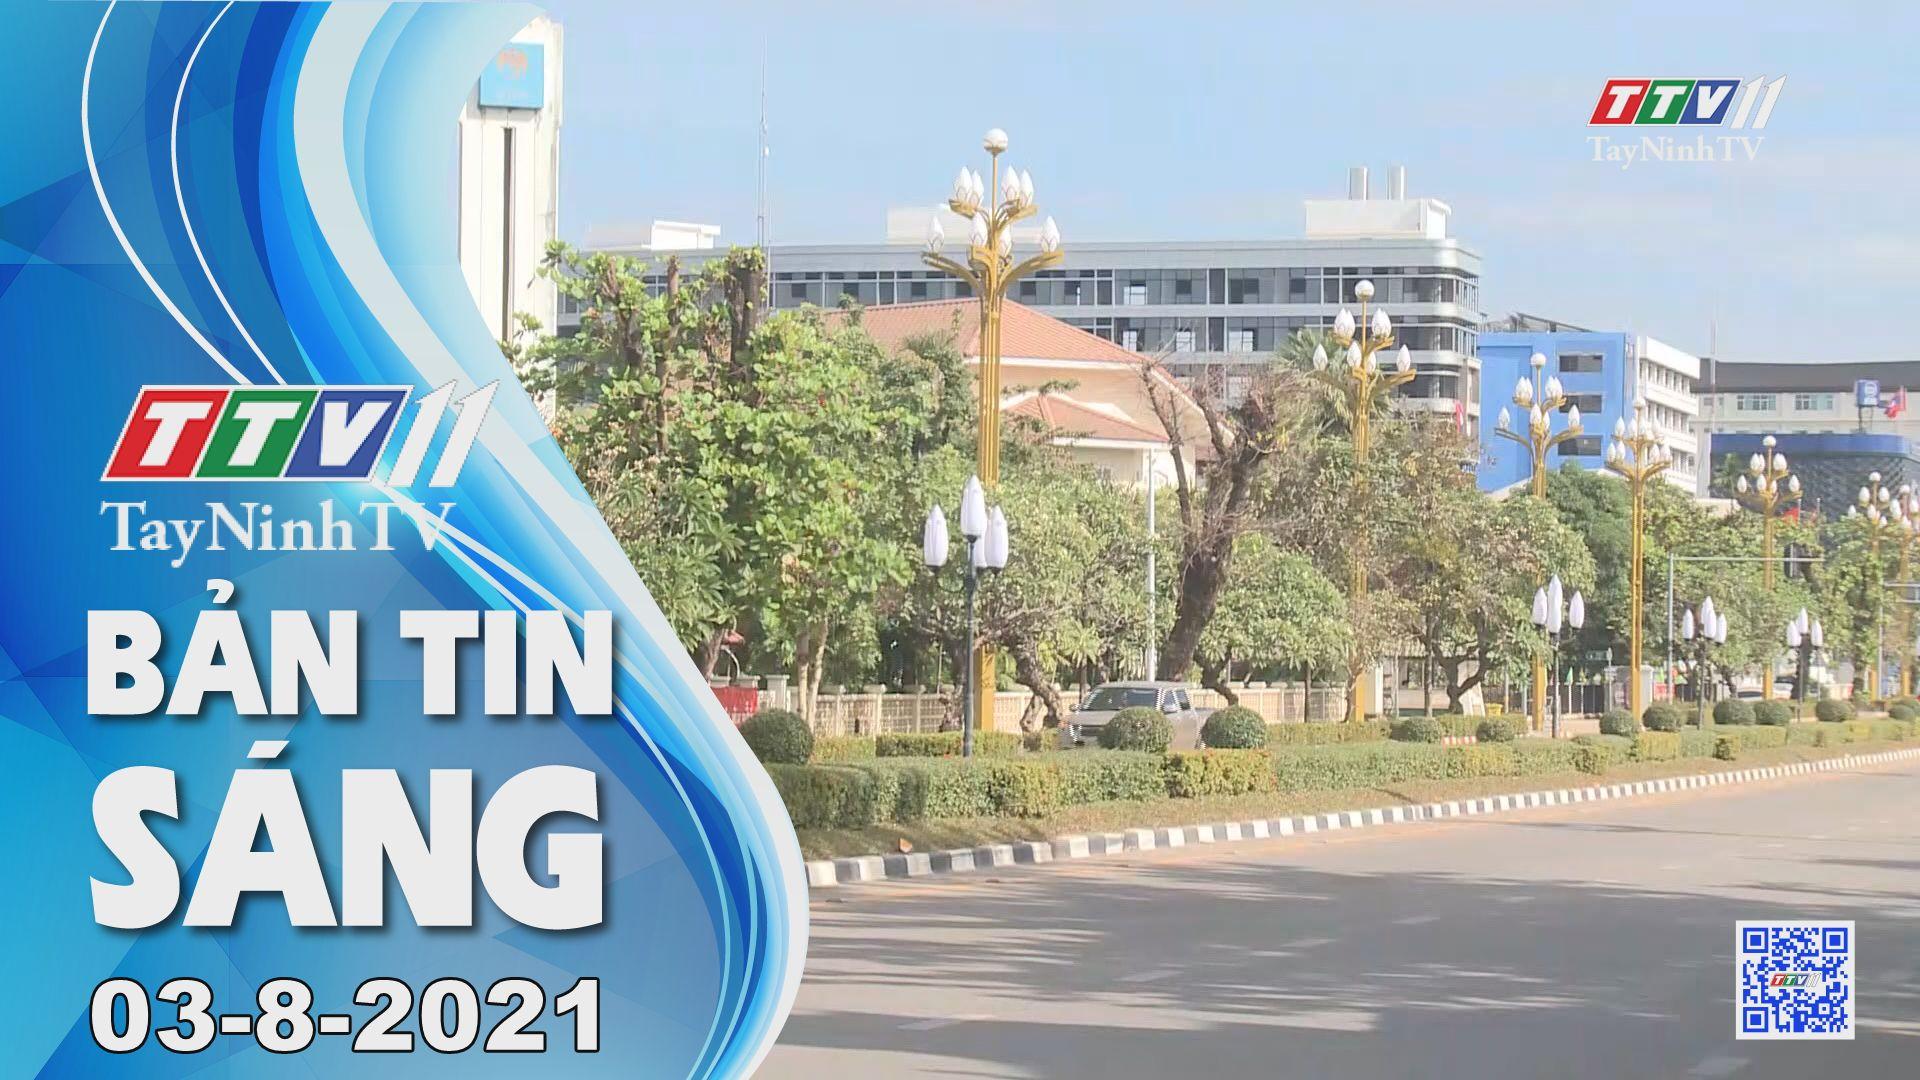 Bản tin sáng 03-8-2021 | Tin tức hôm nay | TayNinhTV